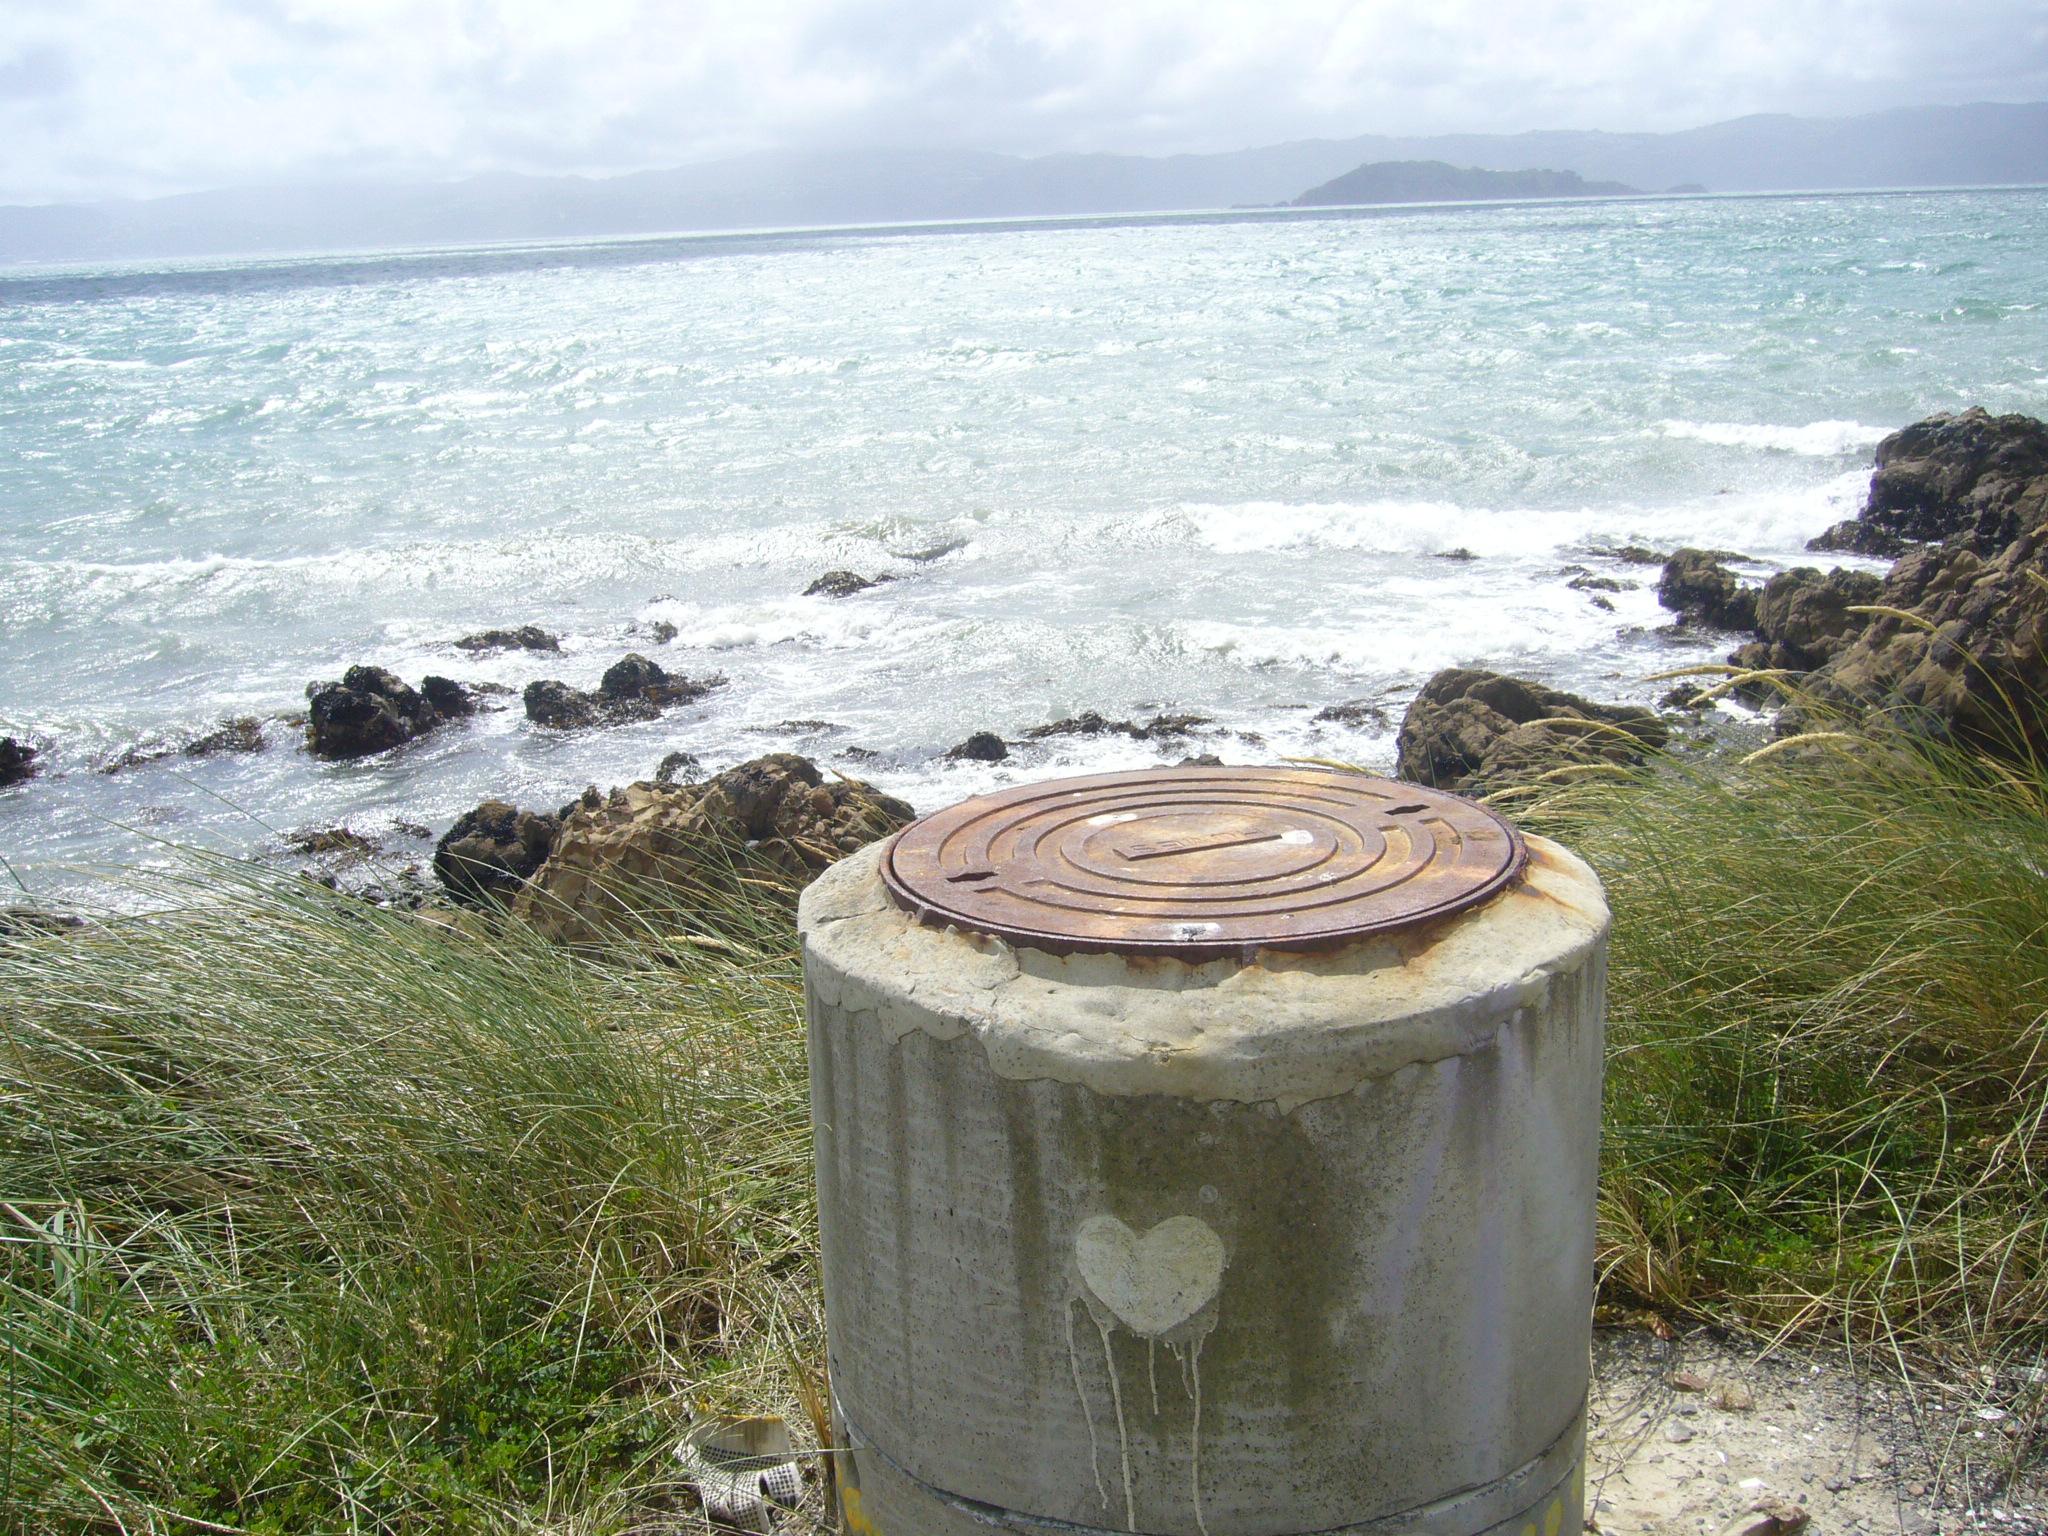 Woche 5: Warum es wichtig ist, das auch wir Wasser sparen